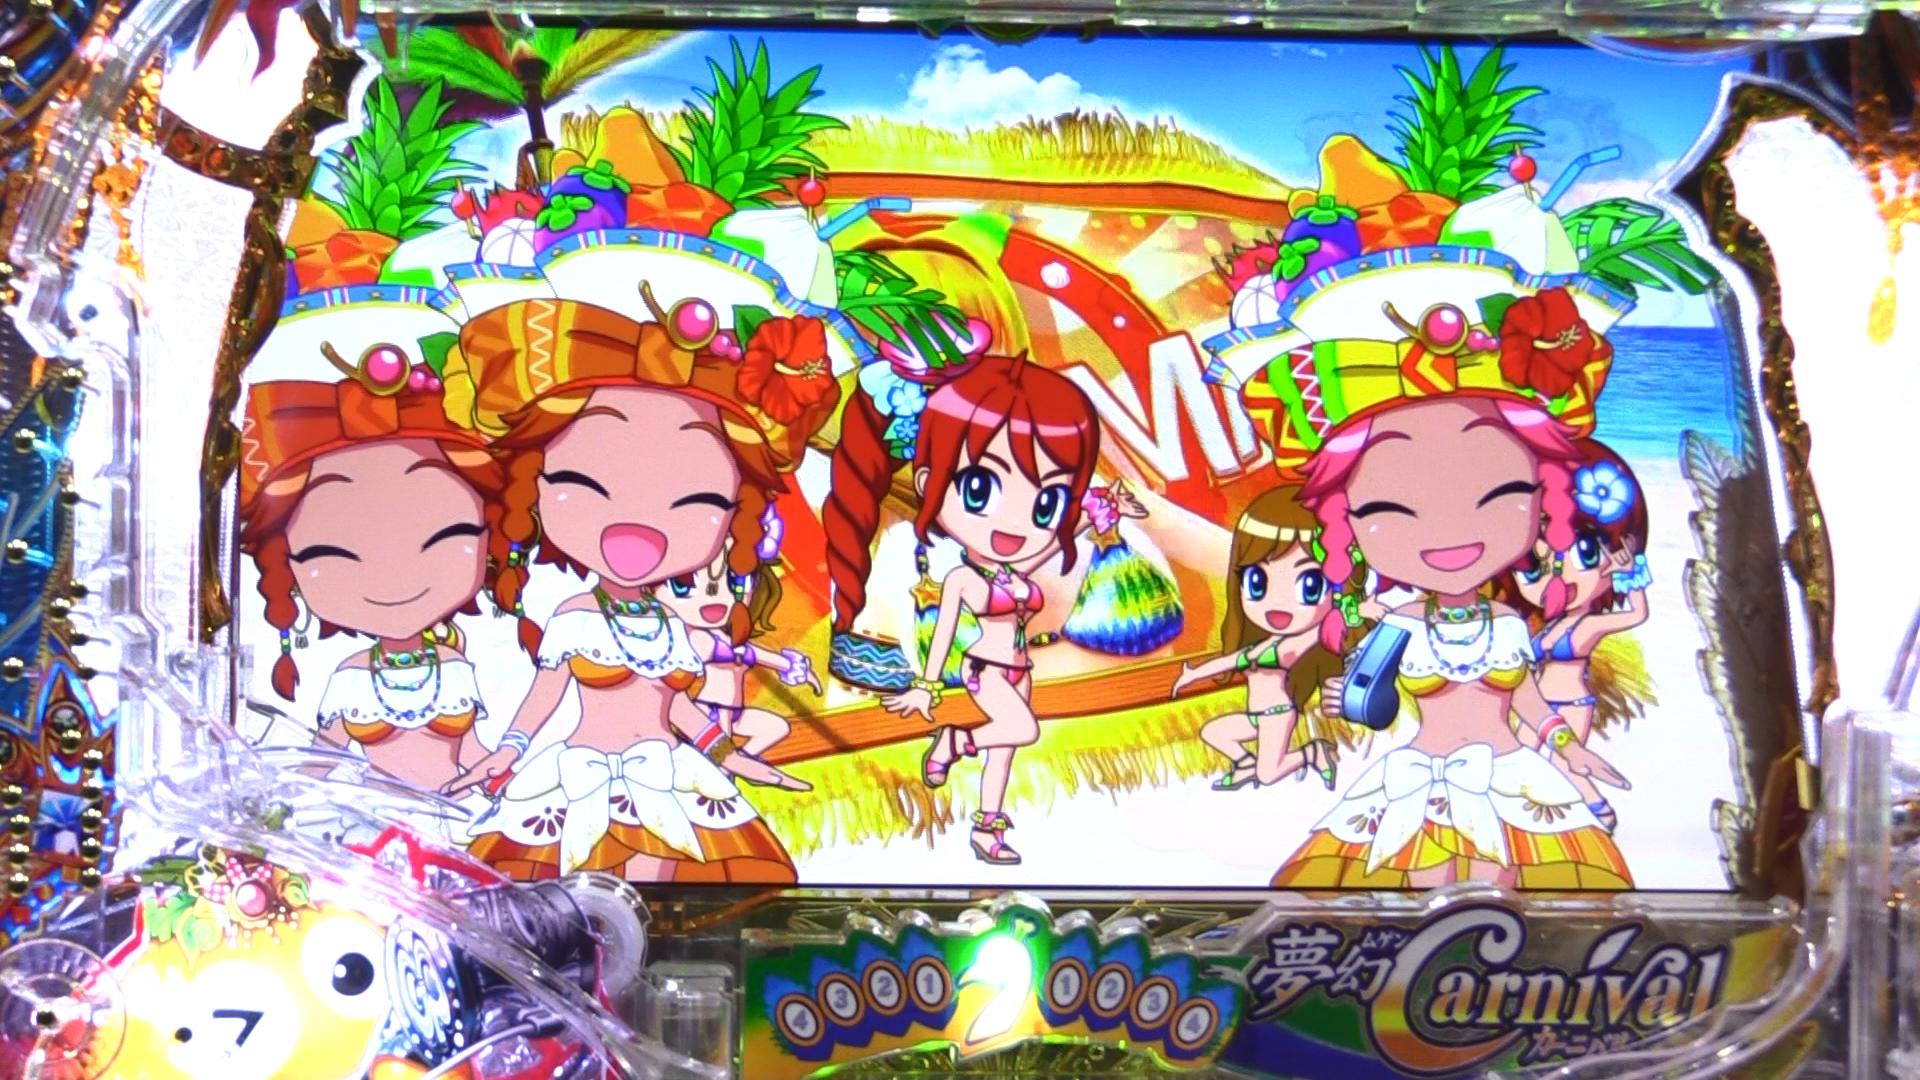 パチンコPギンギラパラダイス 夢幻カーニバルHTKのフルーツ姫2画像